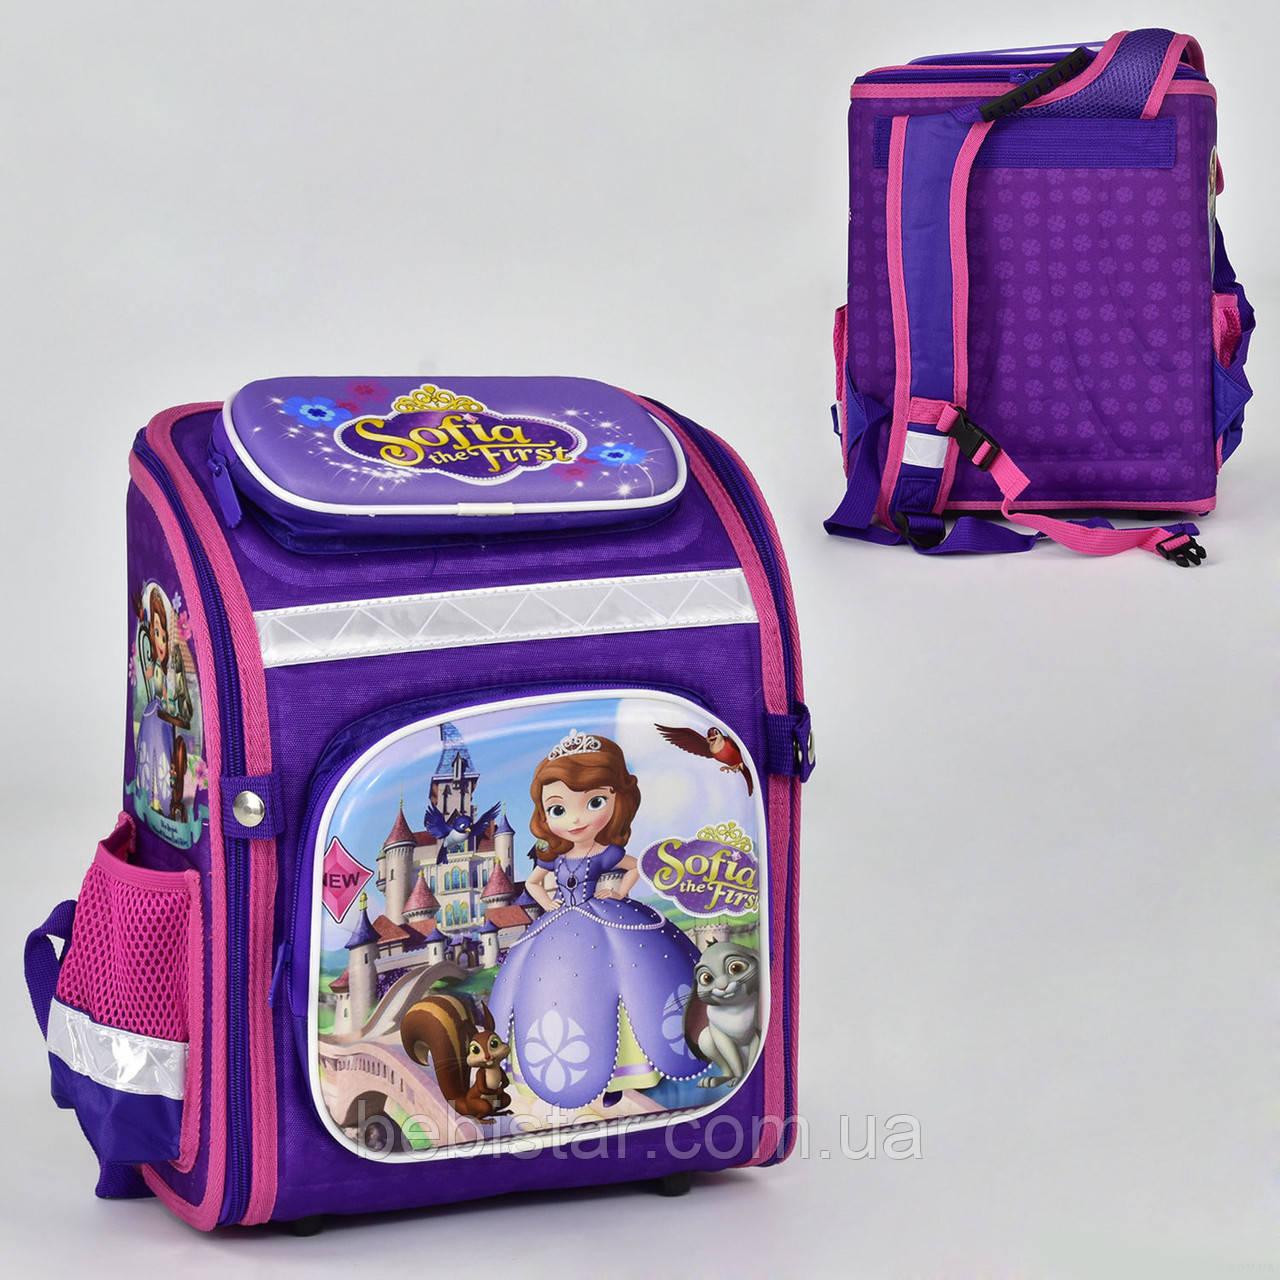 Школьный рюкзак ортопедическая спинка 3 кармана с изображением принцессы Софии